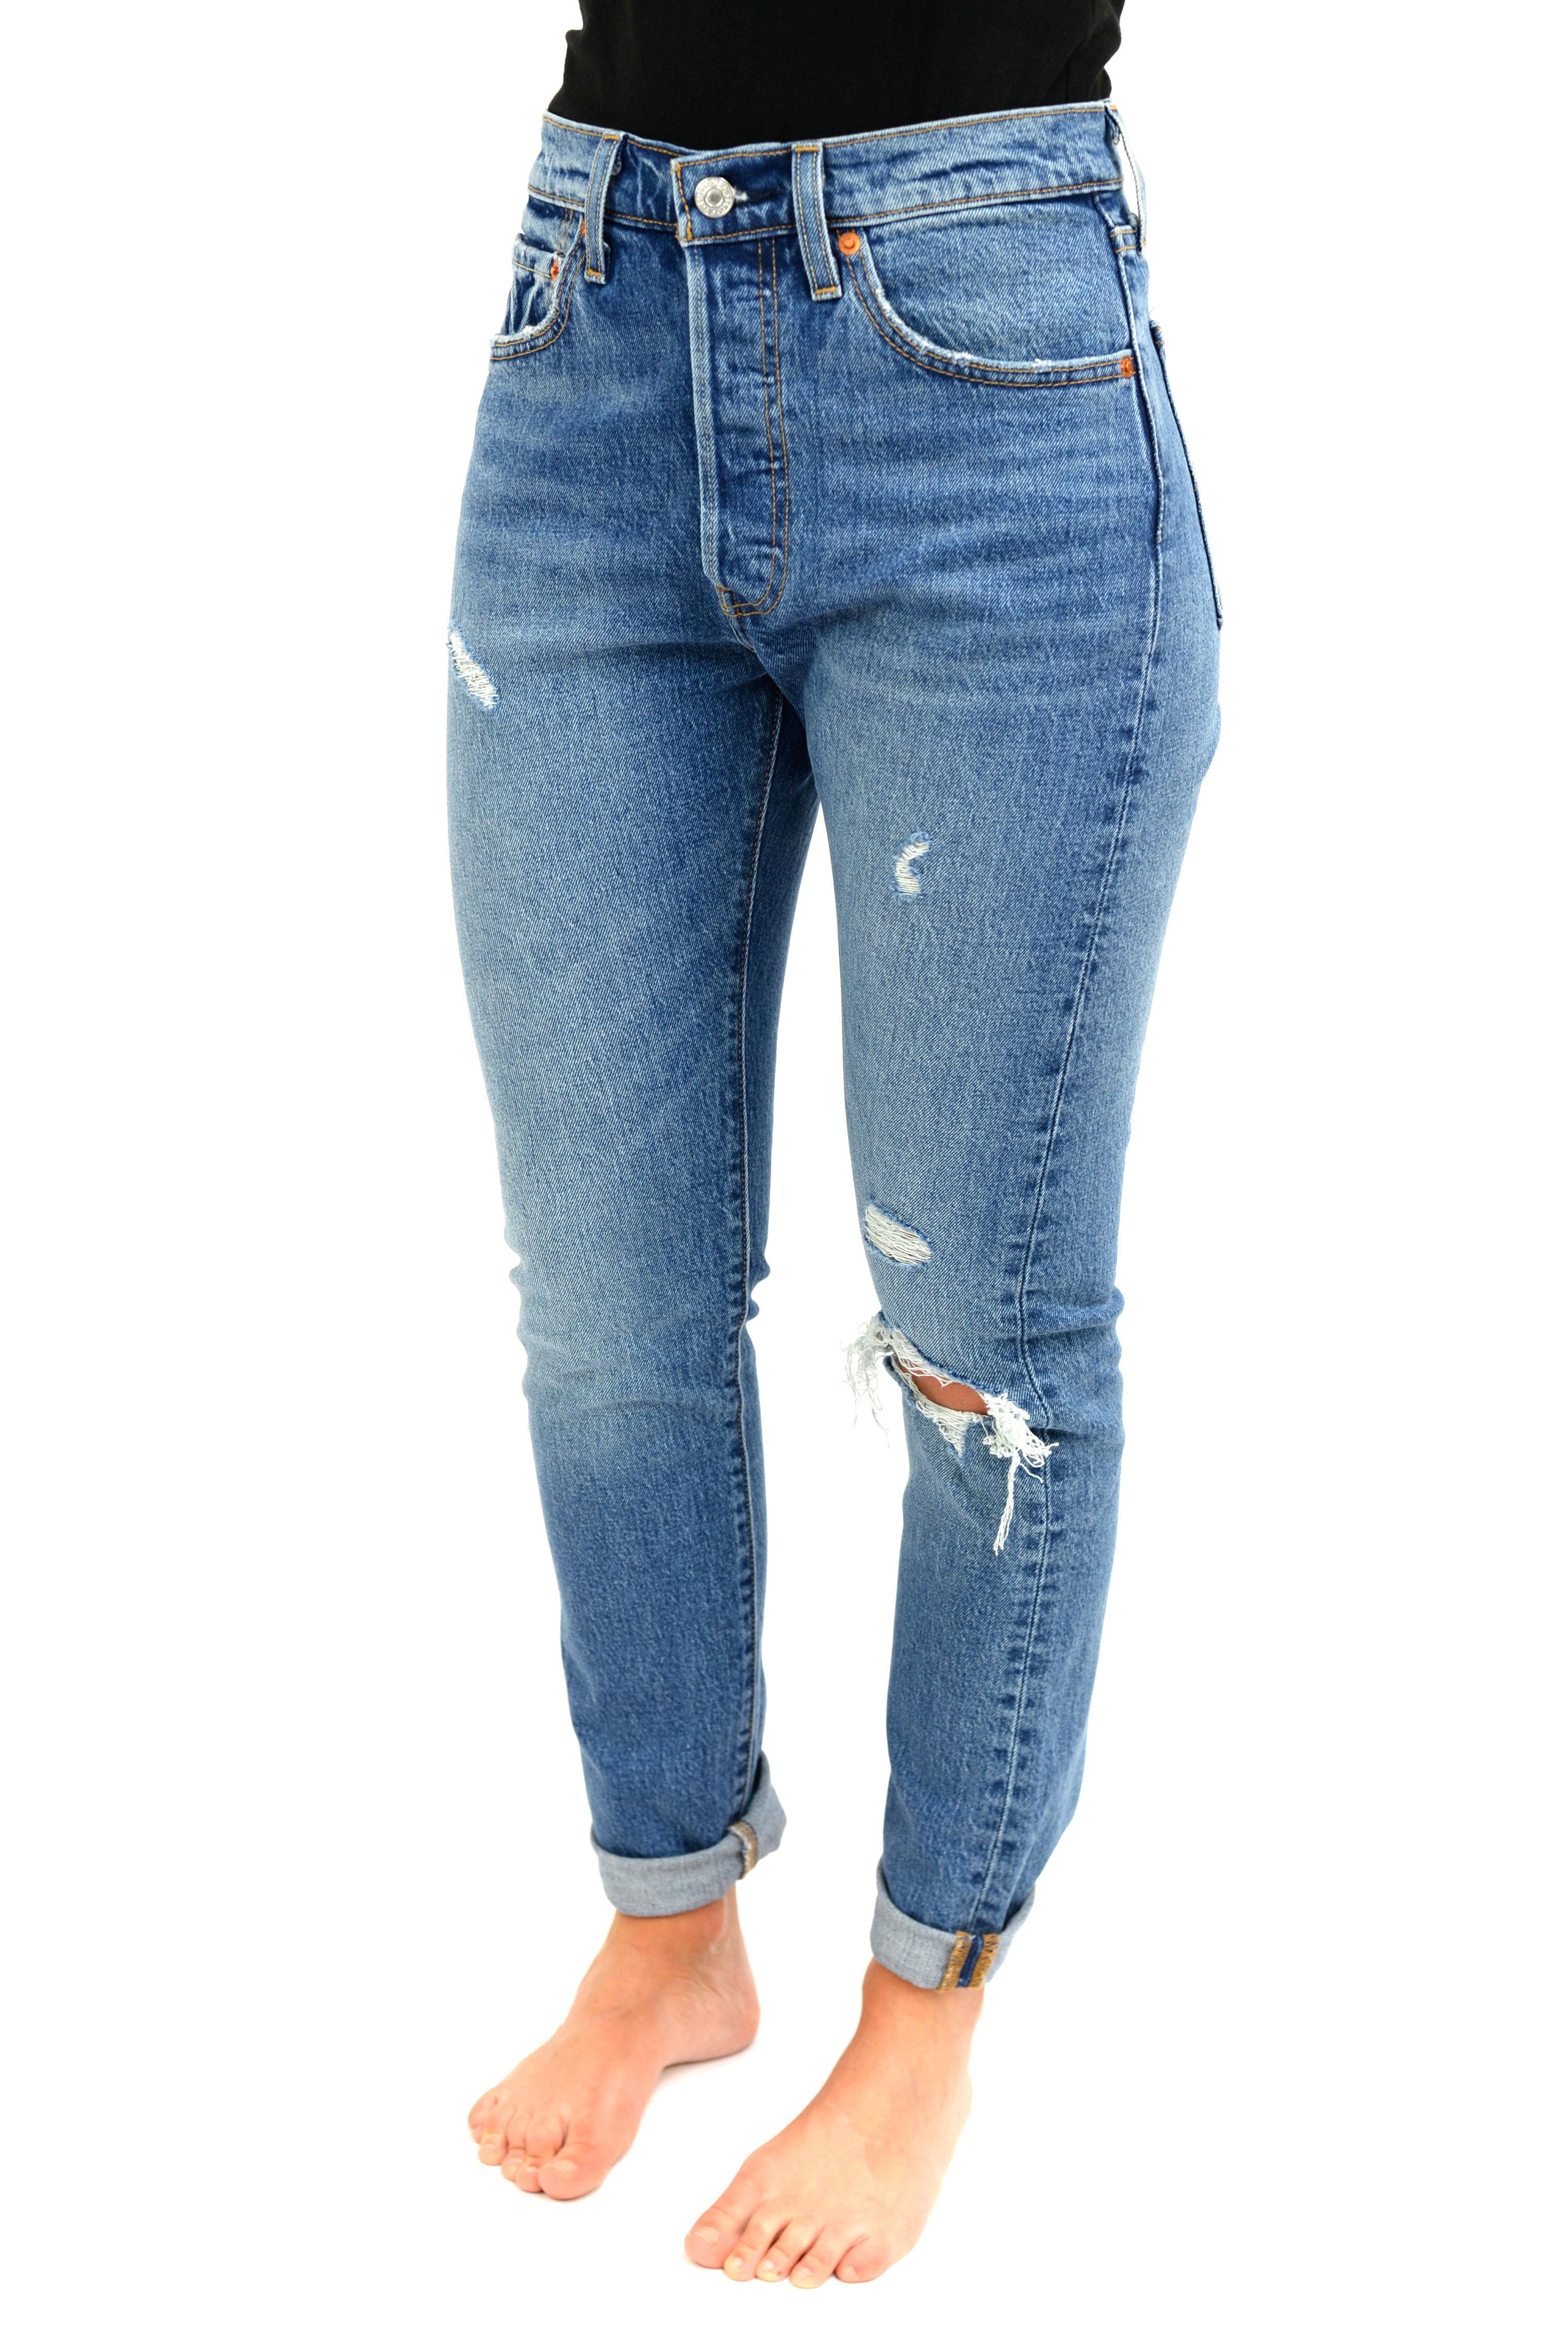 molto carino a4ed3 8a694 Jeans 501 skinny vita alta strappato